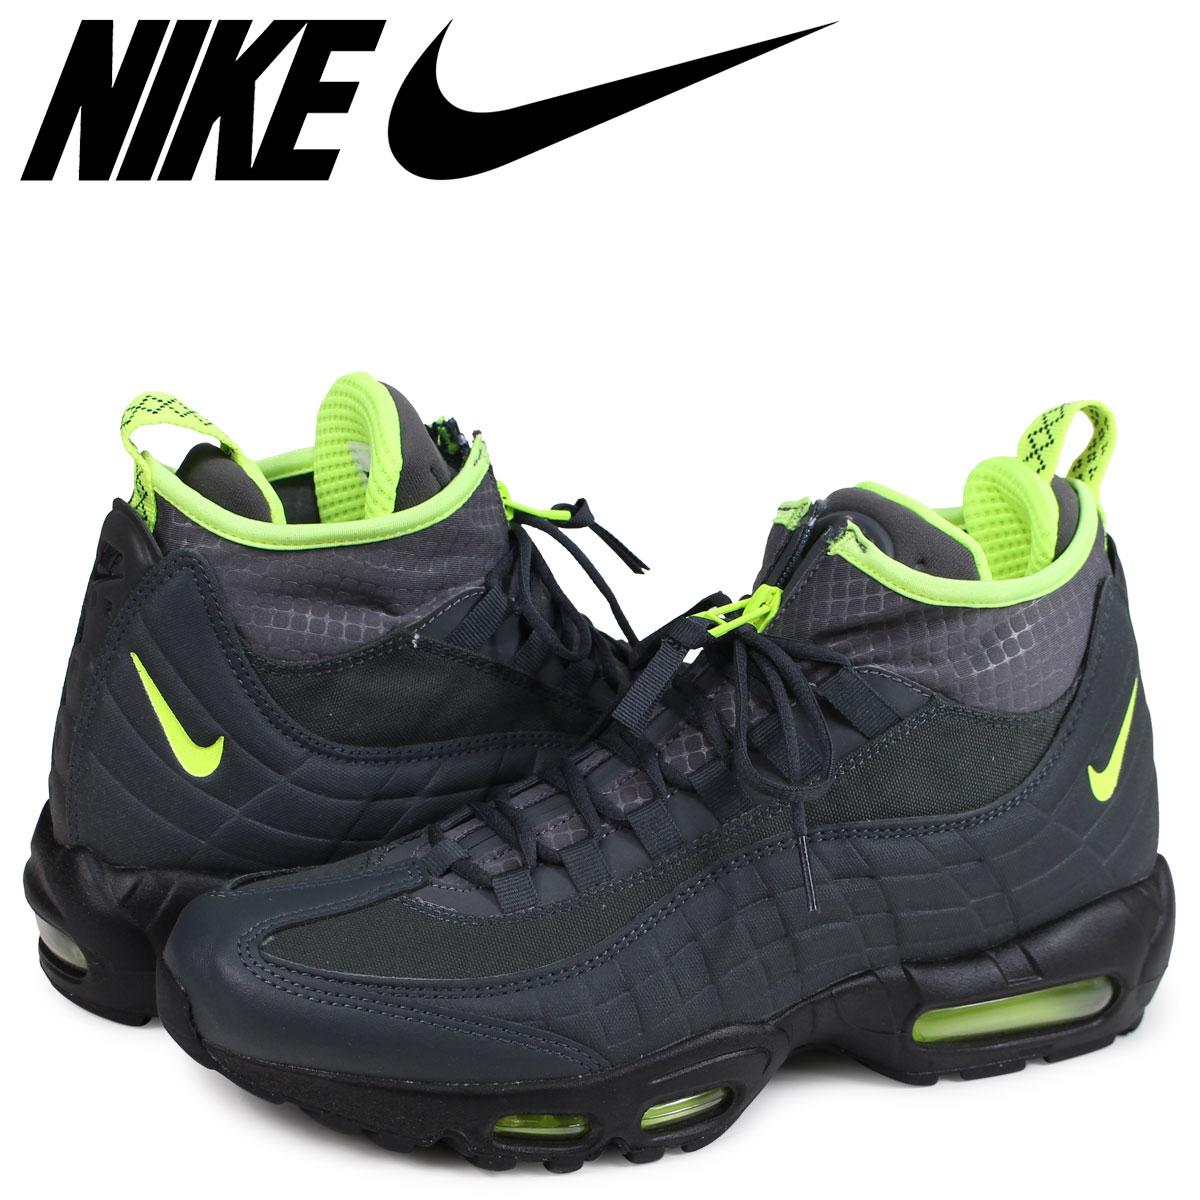 2265e7fb0460 NIKE AIR MAX 95 SNEAKERBOOT Kie Ney AMAX 95 sneakers men dark gray  806